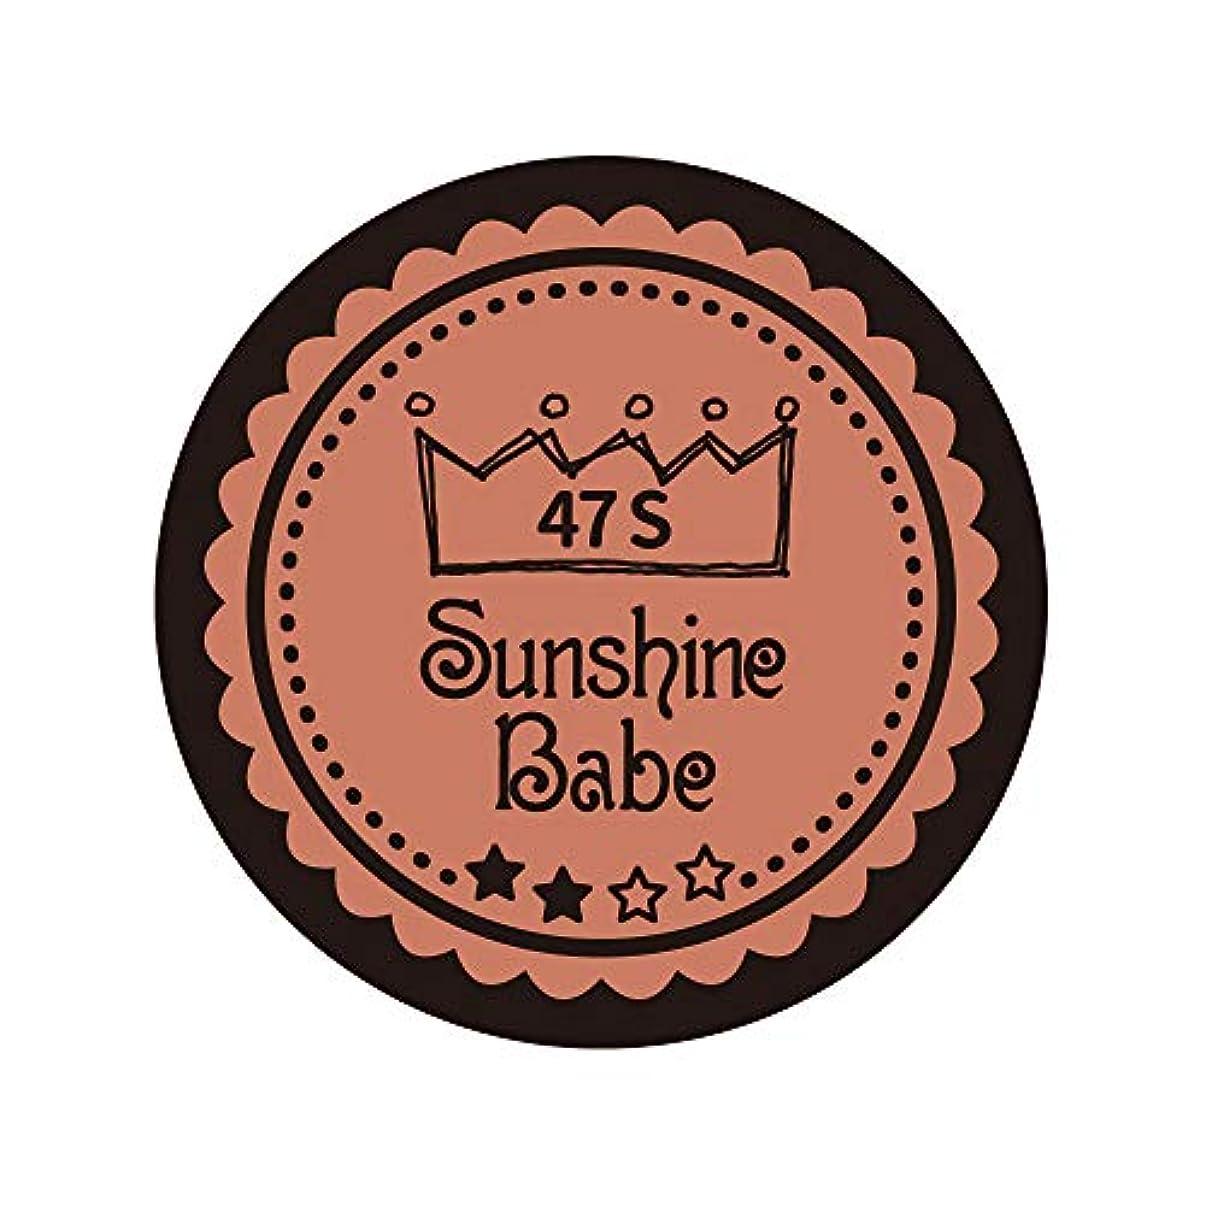 研究所サバント不規則なSunshine Babe カラージェル 47S ピーチブラウン 2.7g UV/LED対応